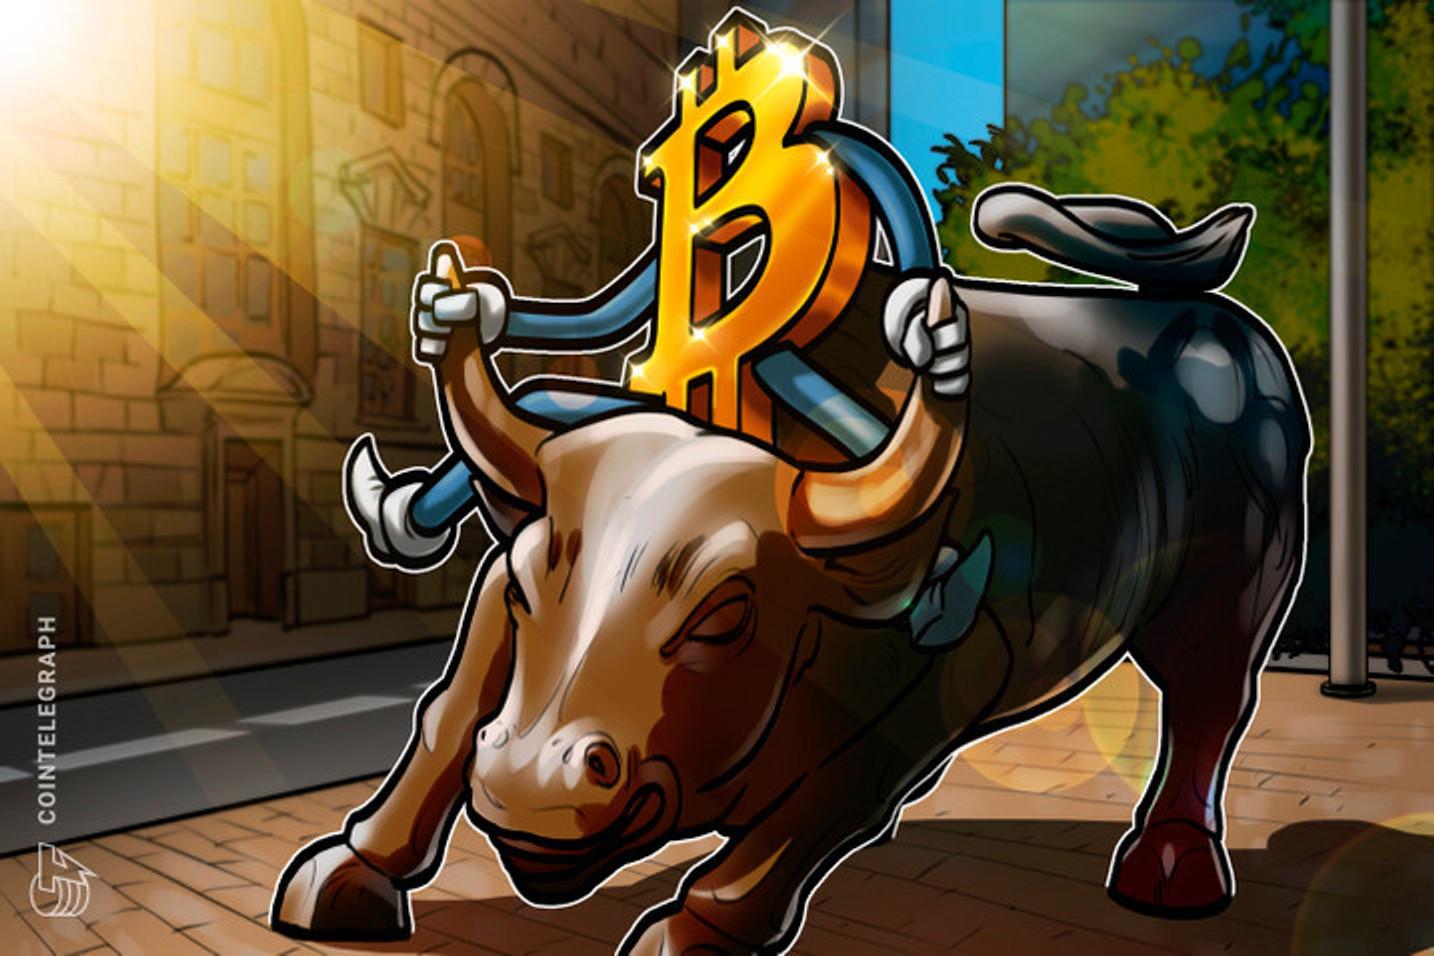 Bitcoin vai subir 5.000% e seu valor vai comprar um Lambo em 2021 e um Bugatti em 2022, afirma o CEO da Kraken